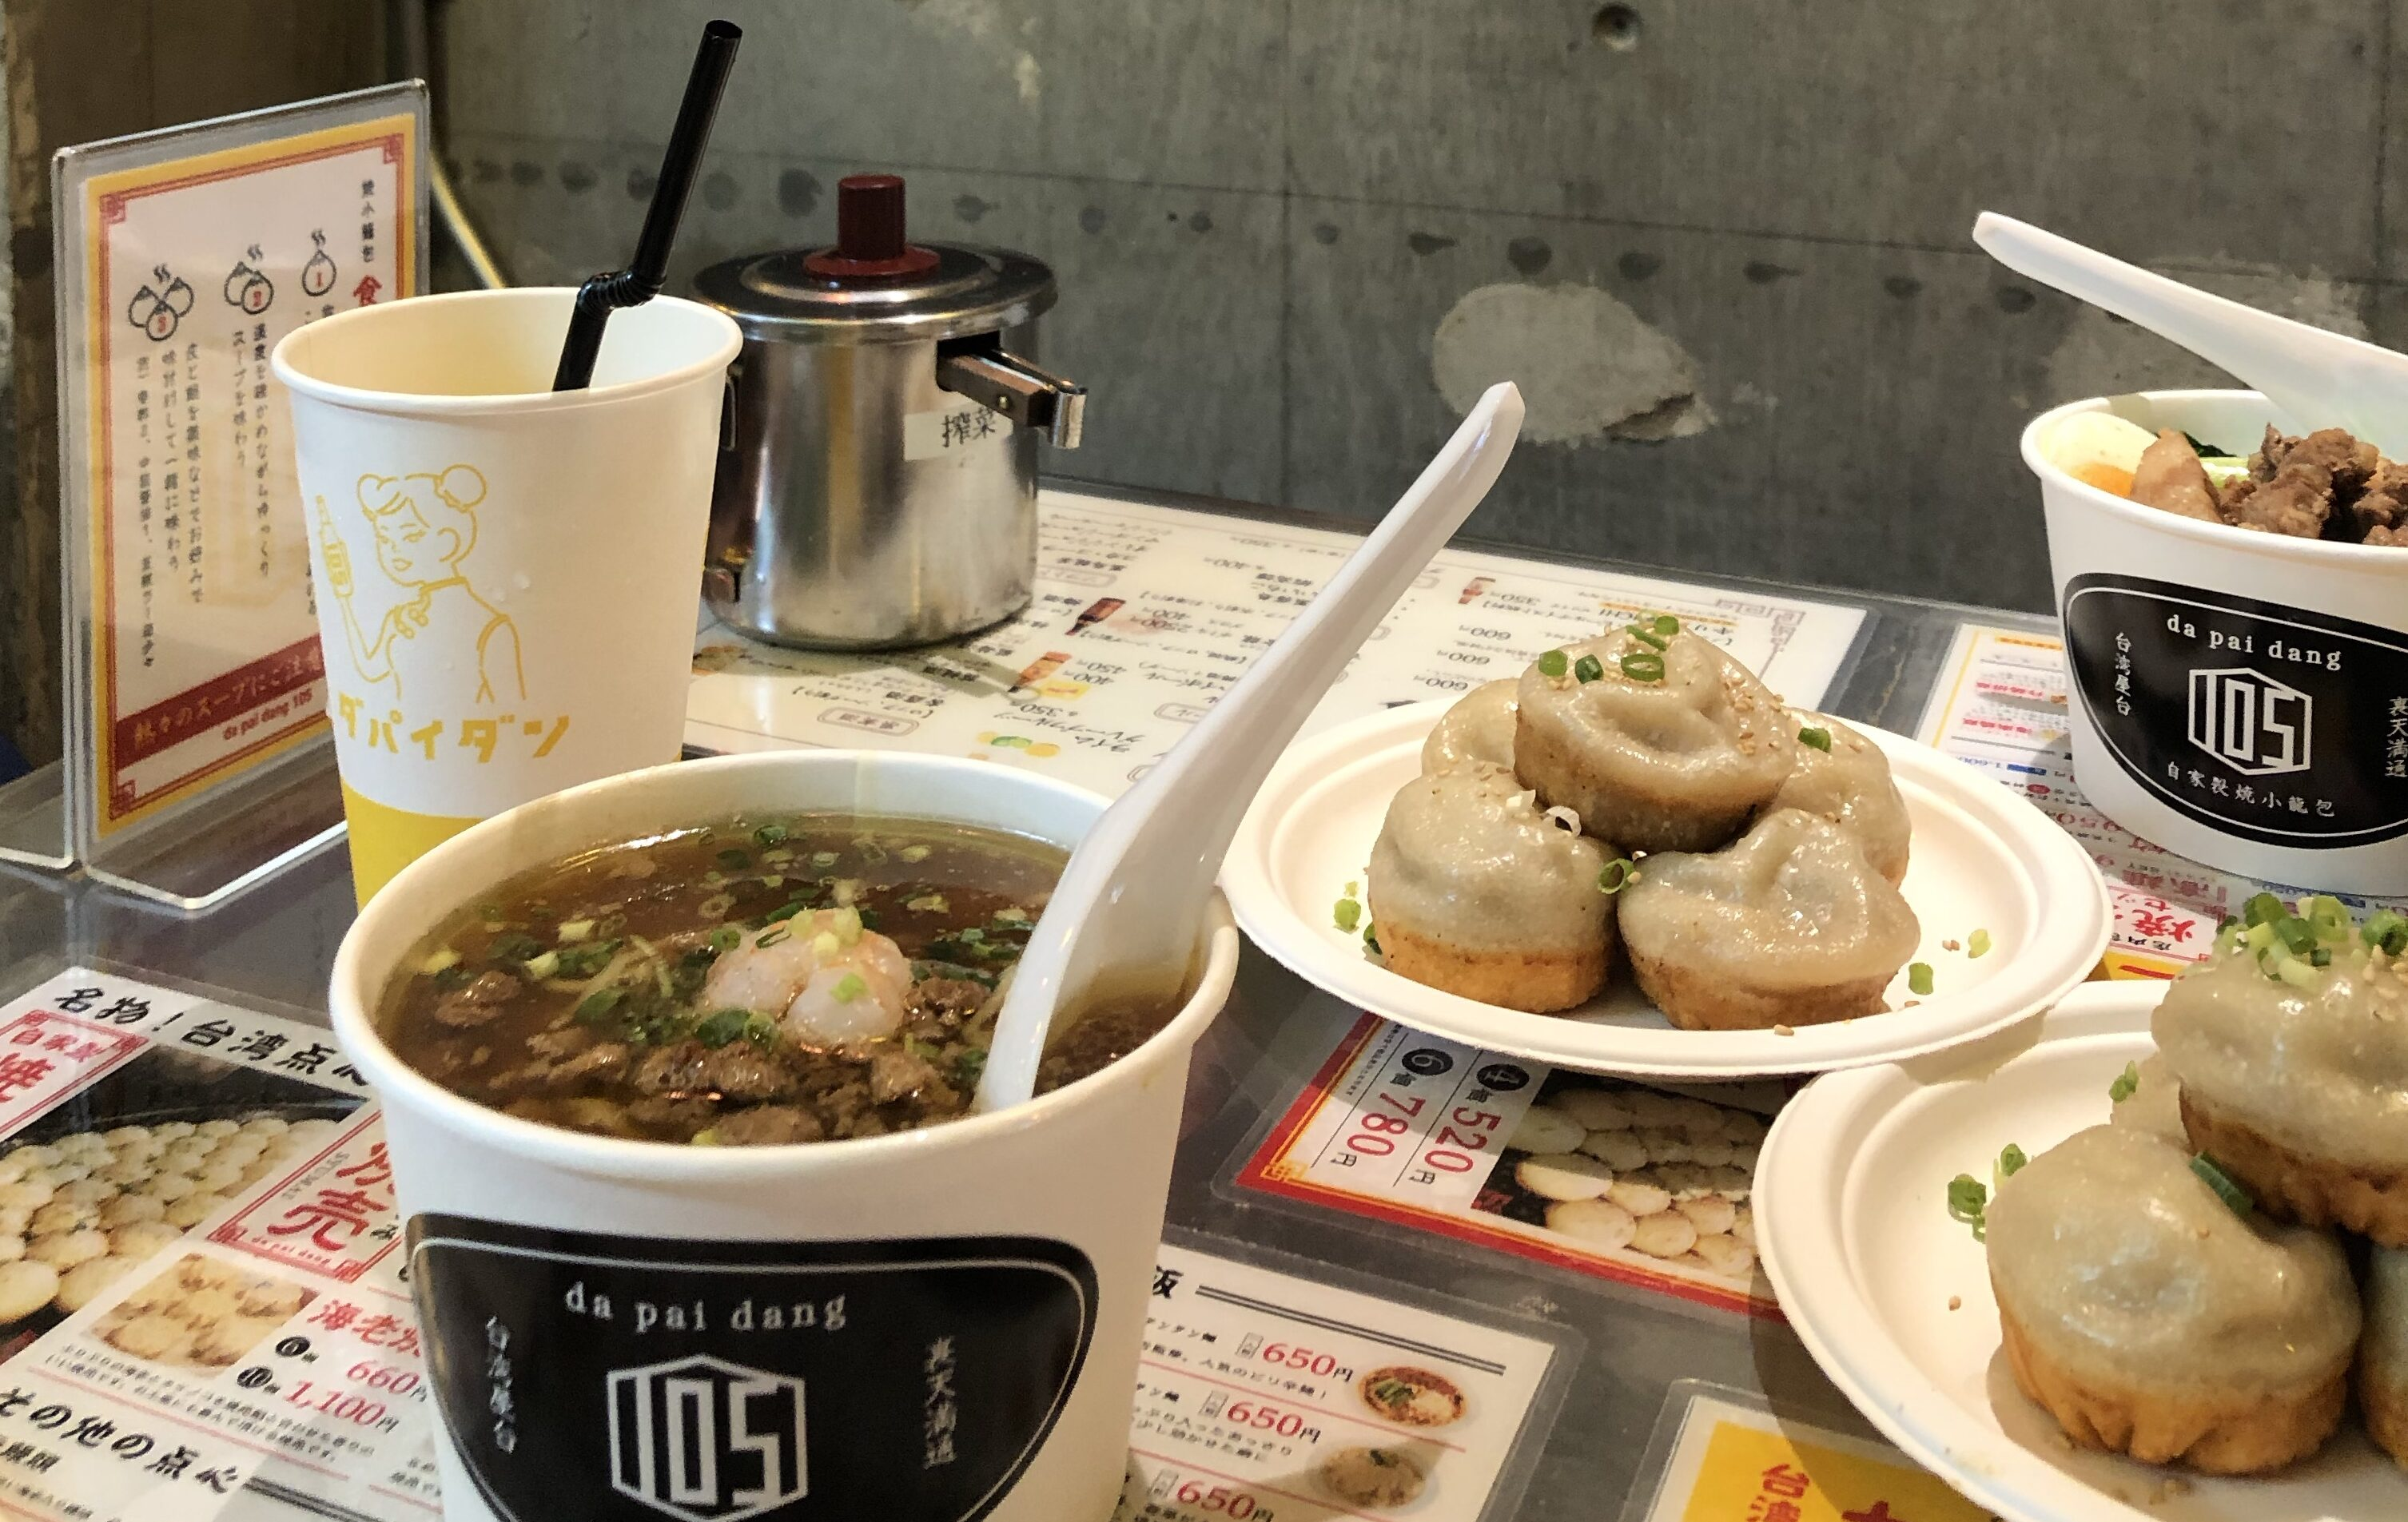 ダパイダン105 高円寺東京本店のタンツー麺と焼き小籠包